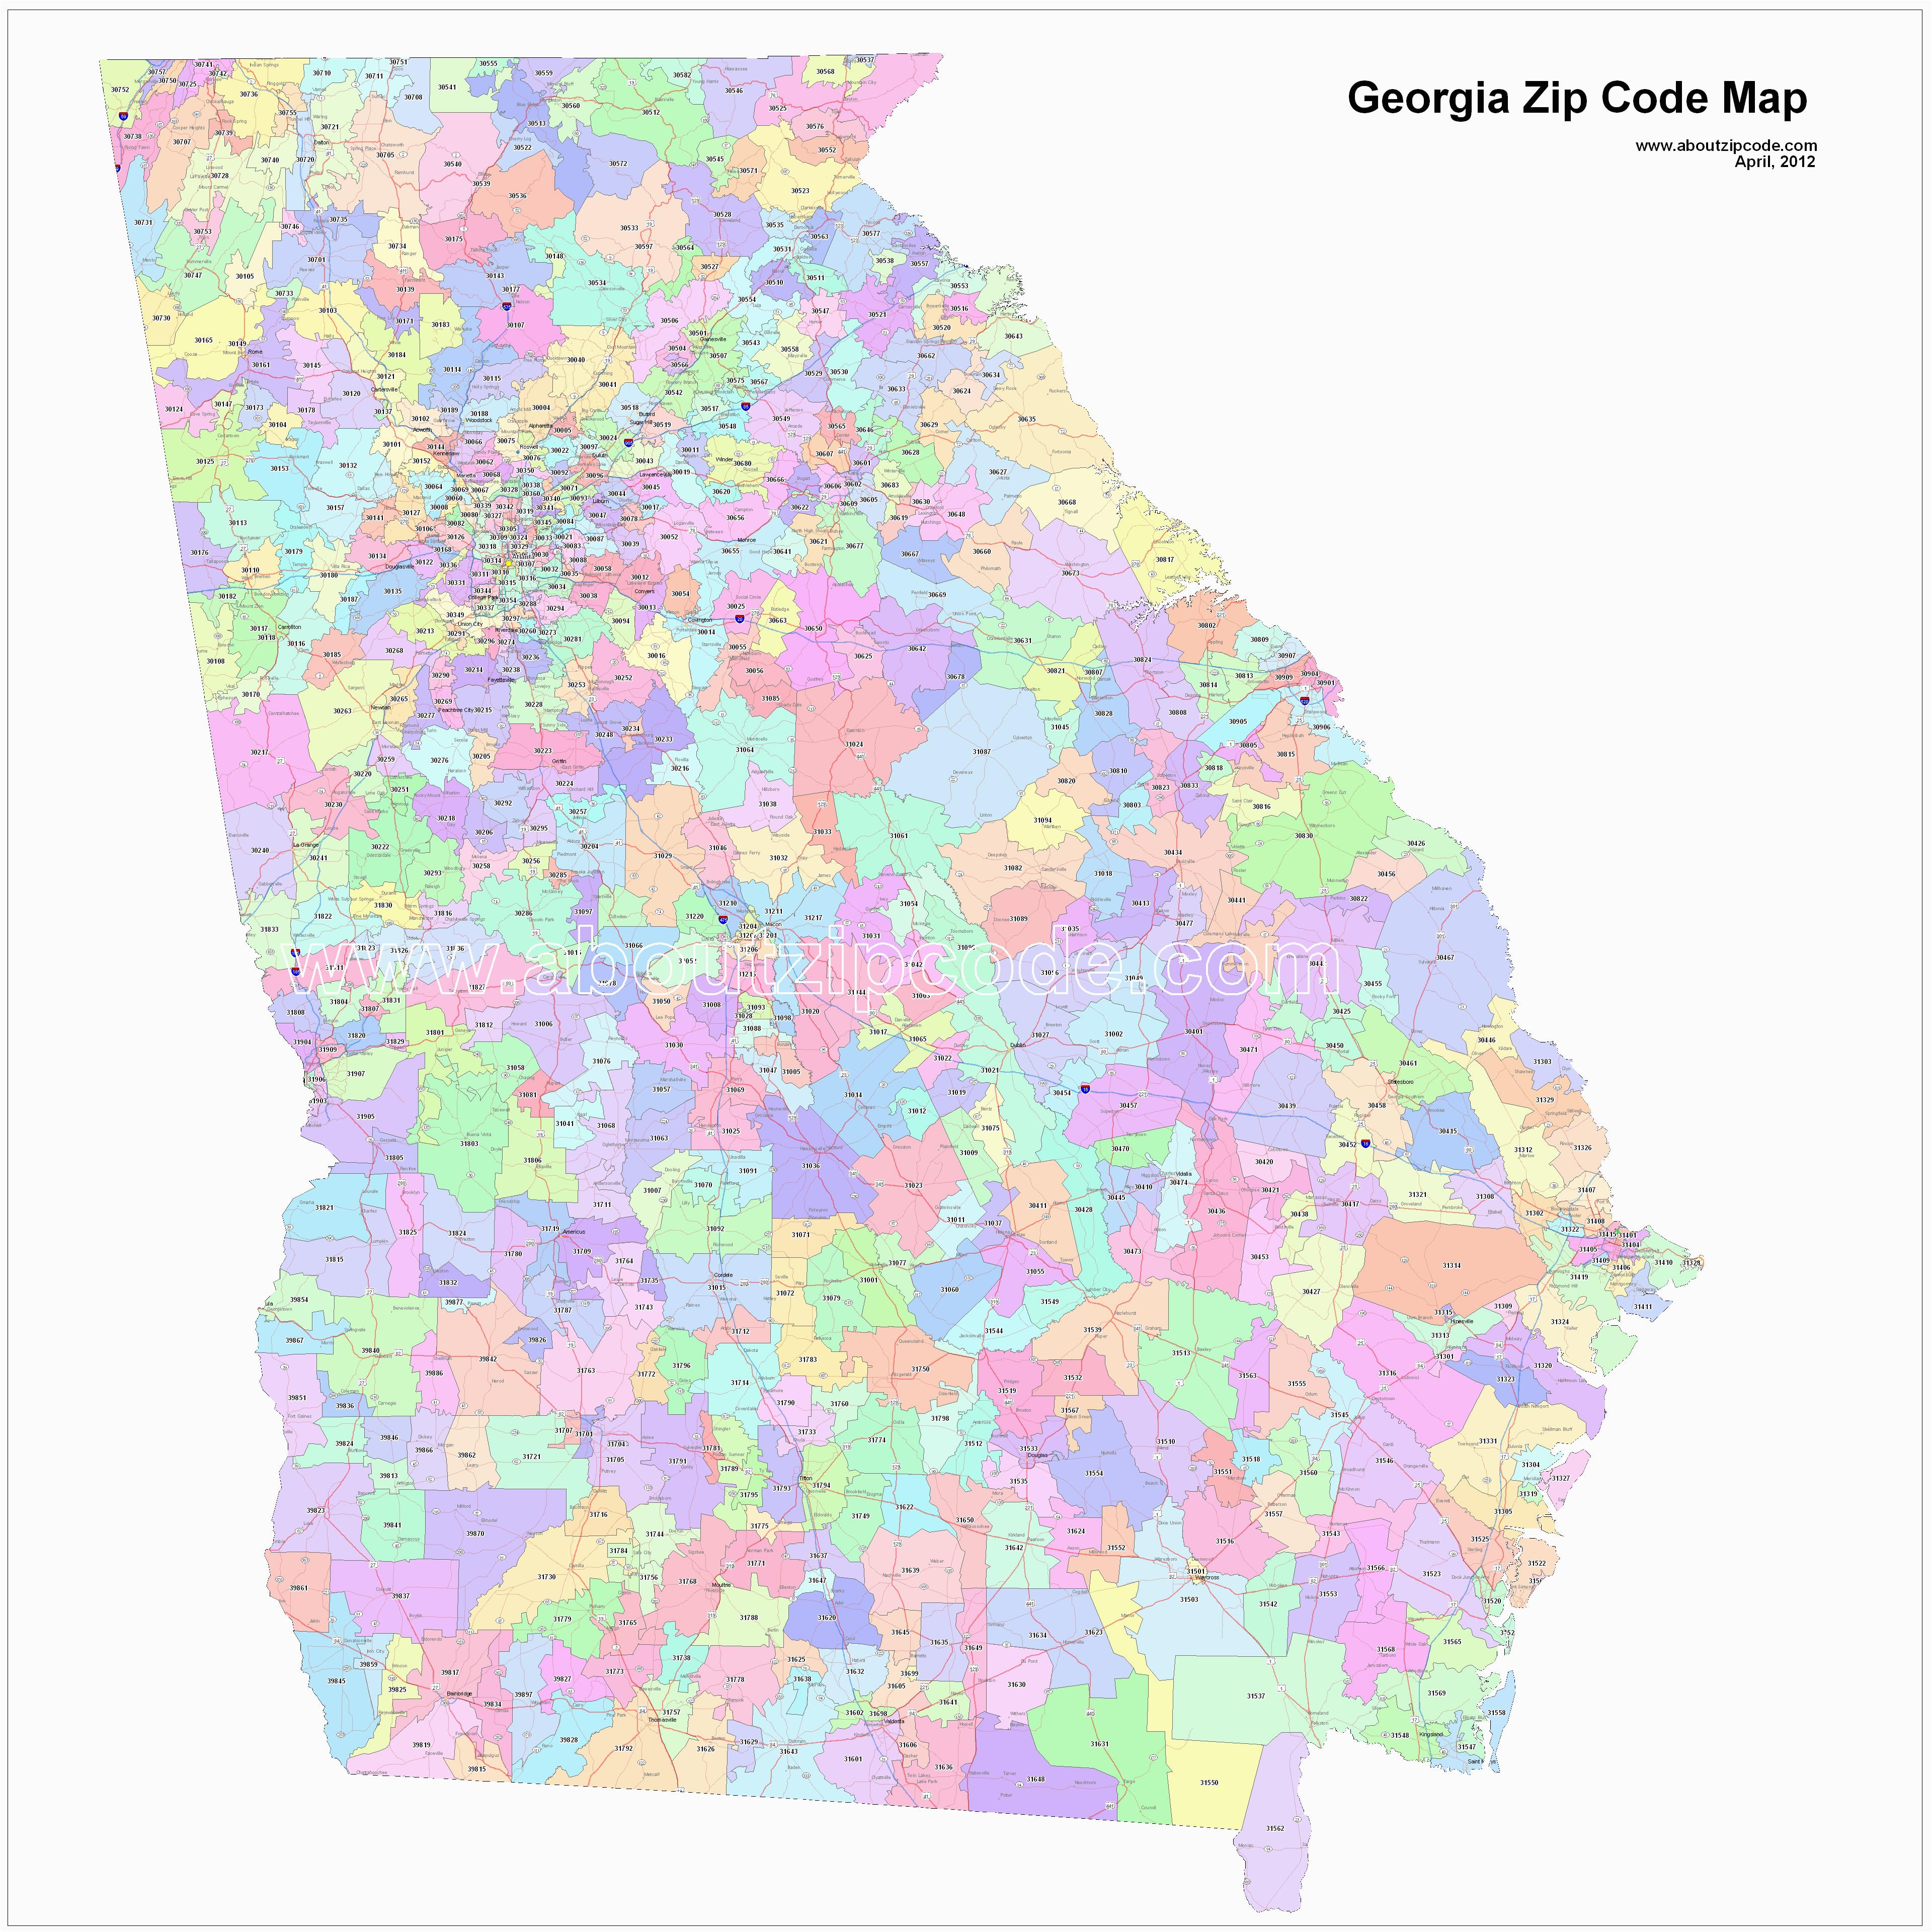 Zip Codes In Georgia Map Georgia Zip Code Maps Free Georgia Zip Code Maps